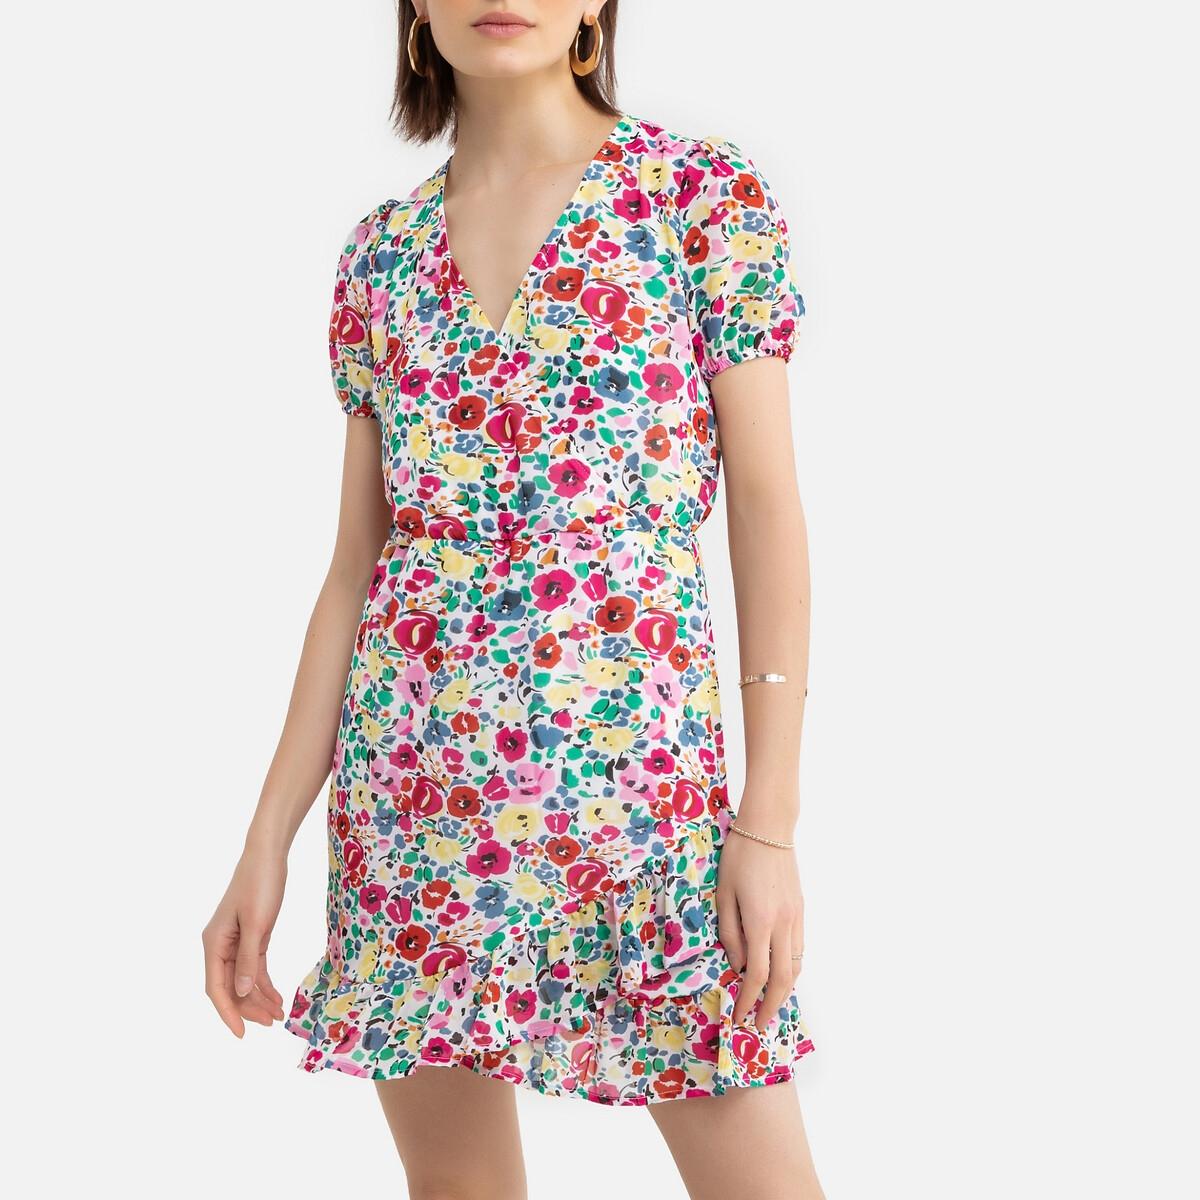 Фото - Платье LaRedoute Короткое с цветочным рисунком и V-образным вырезом 46 зеленый блузка laredoute с принтом и v образным вырезом длинные рукава xs зеленый